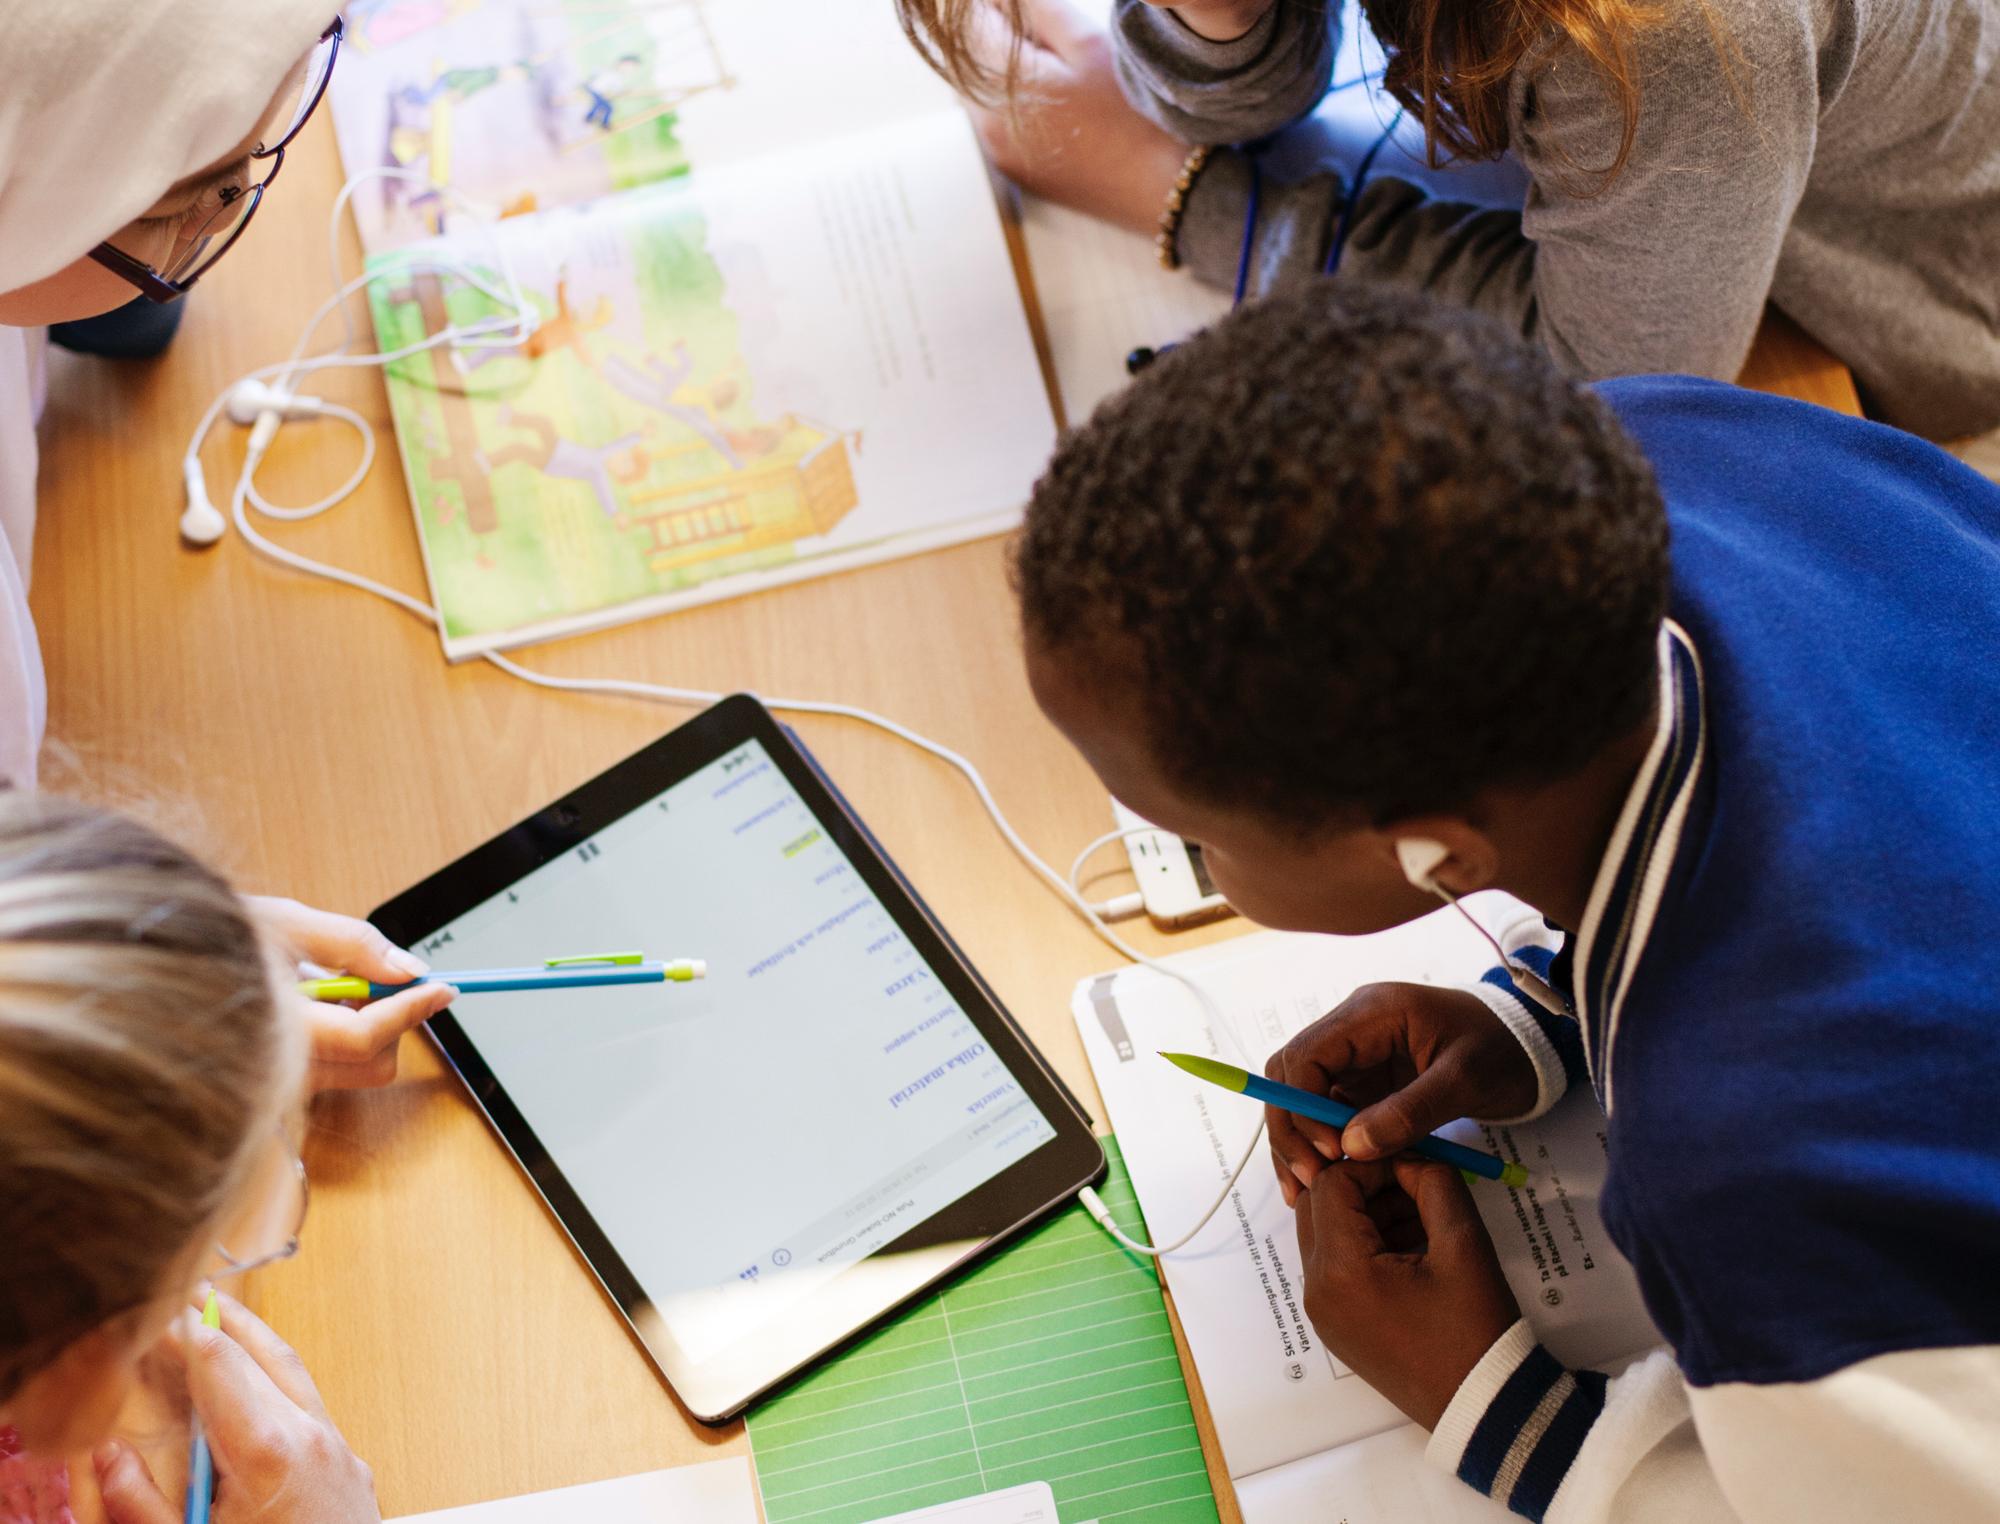 barn testar pedagogiska verktyg på läsplatta